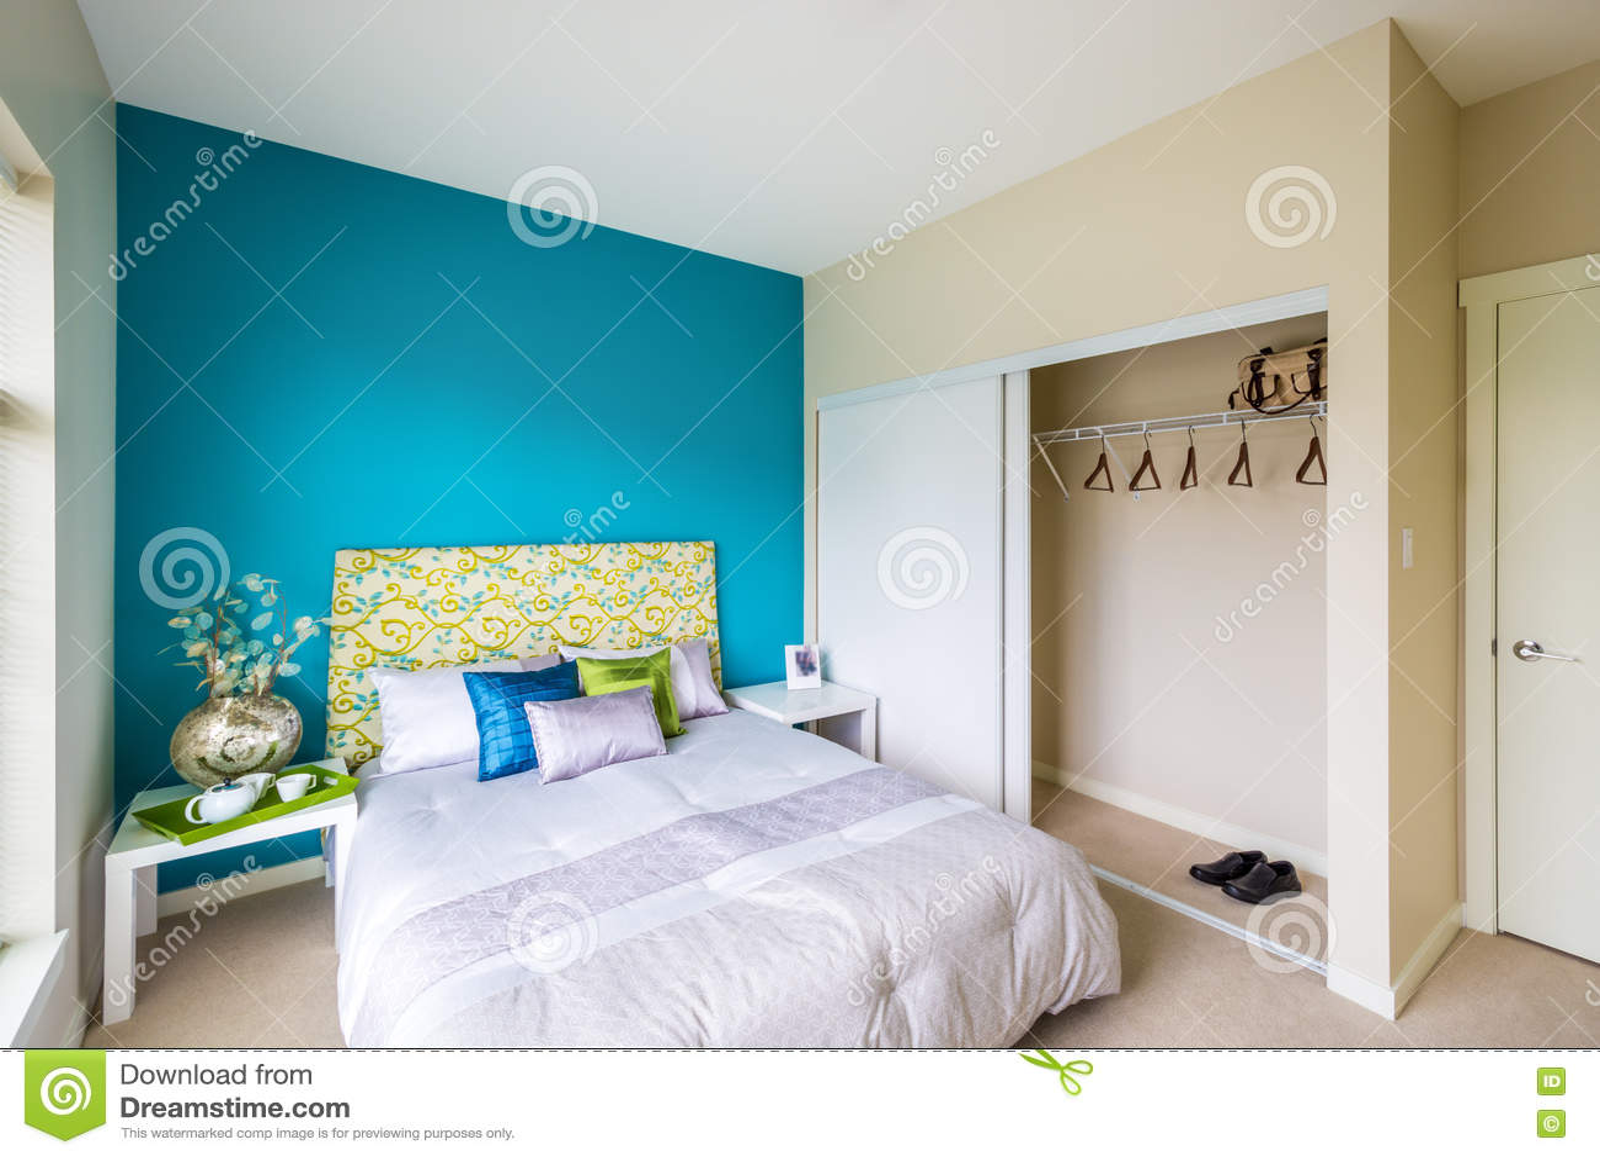 Modernes Blaues Schlafzimmer Stockbild - Bild von bett, deluxe: 72282023